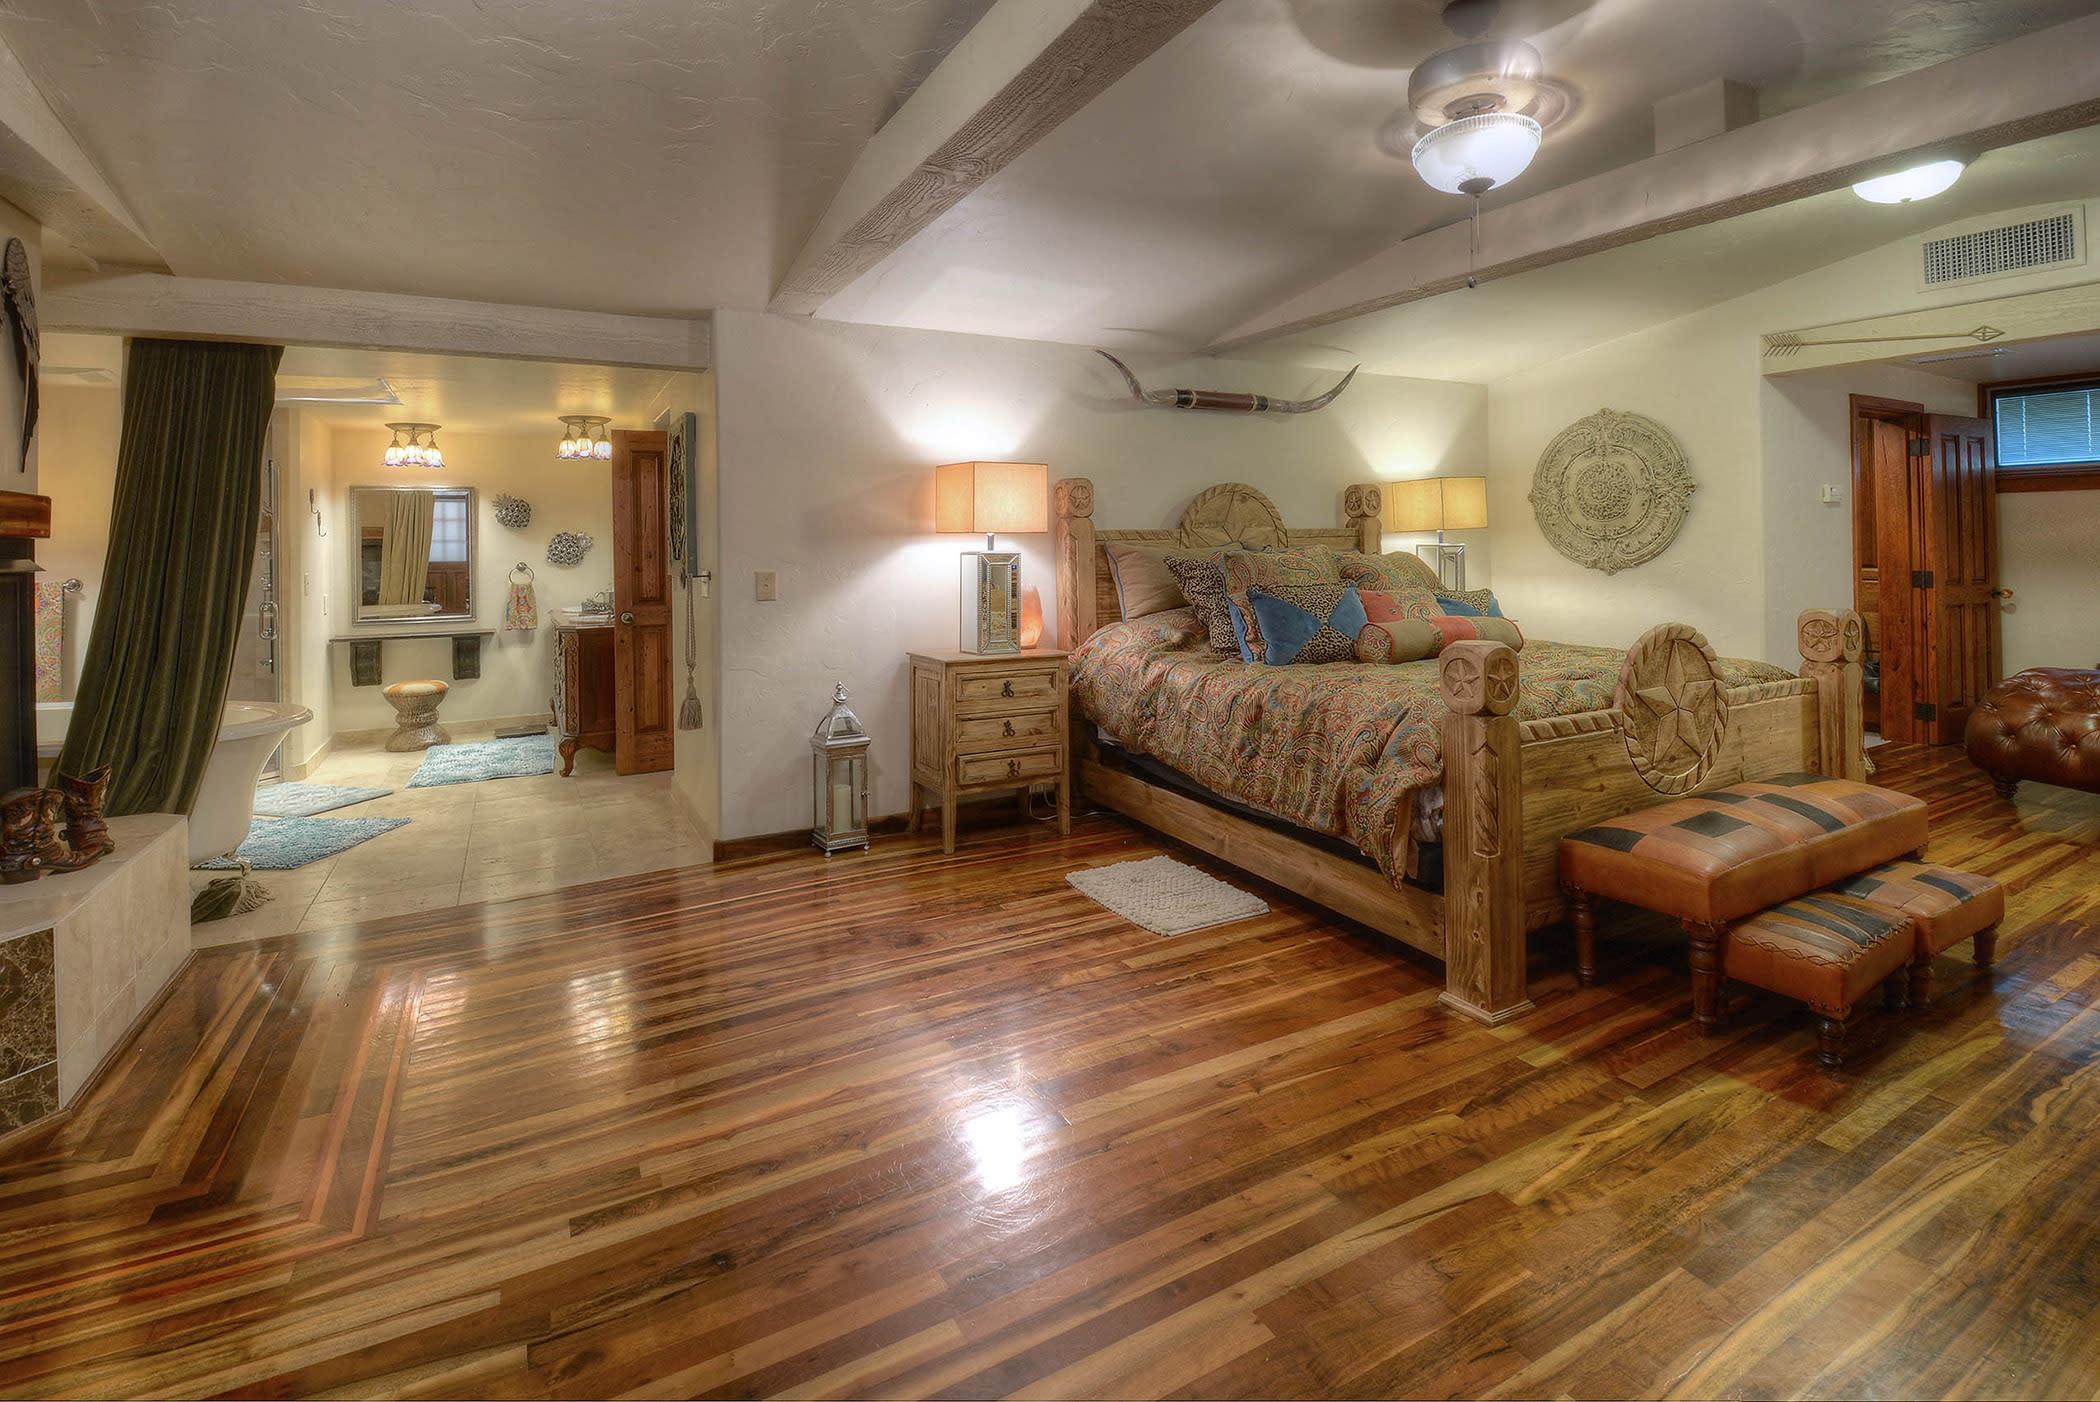 Hardwood floors meet your feet in the master bedroom.